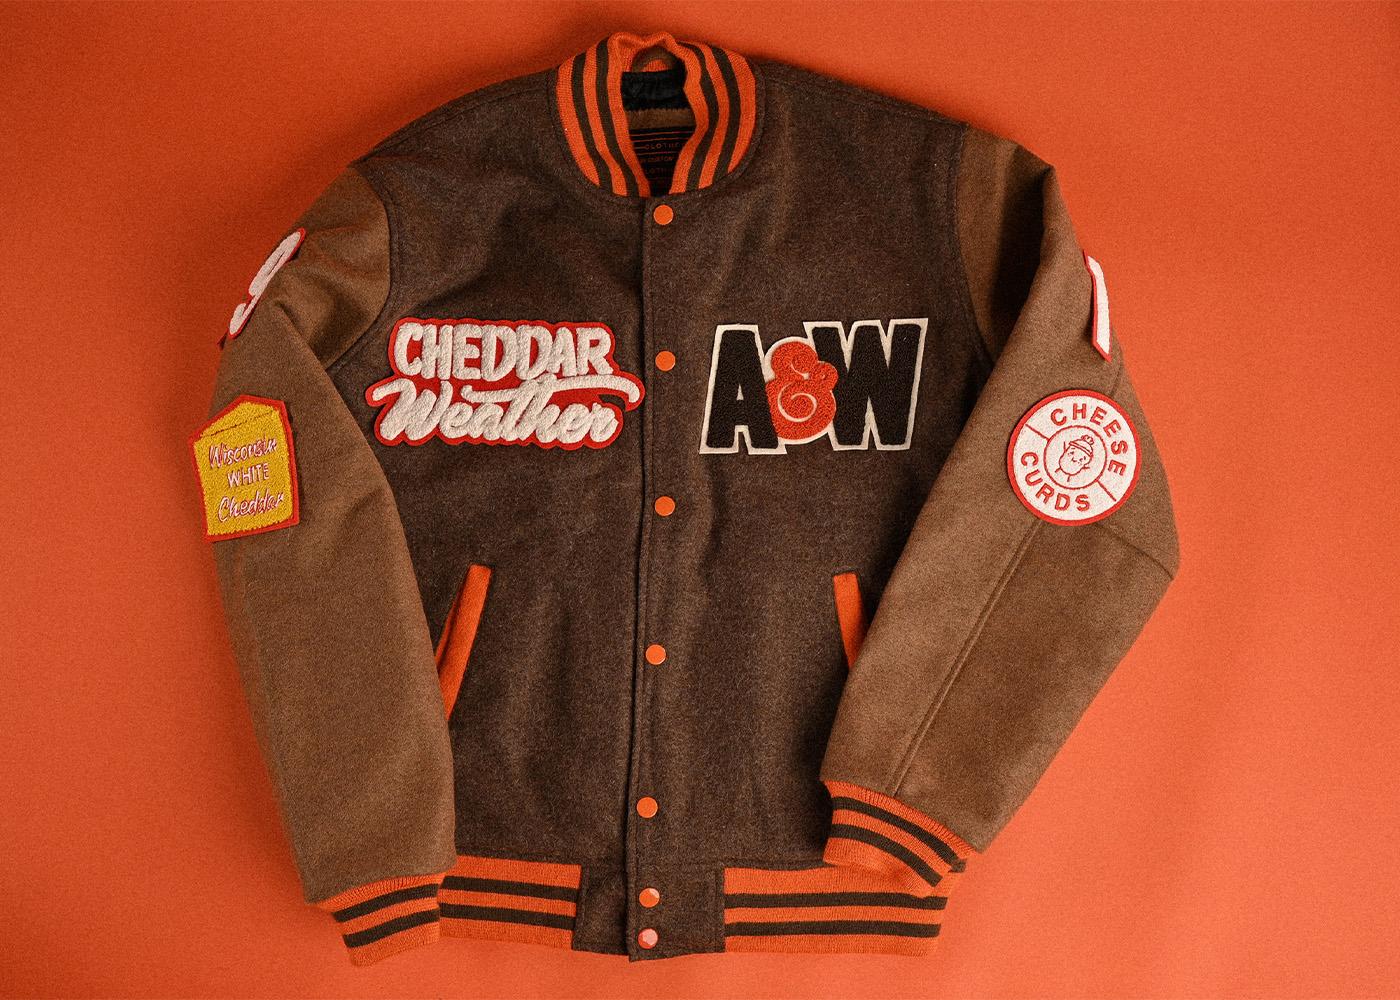 Cheddar Weather Letterman Jacket on orange background.